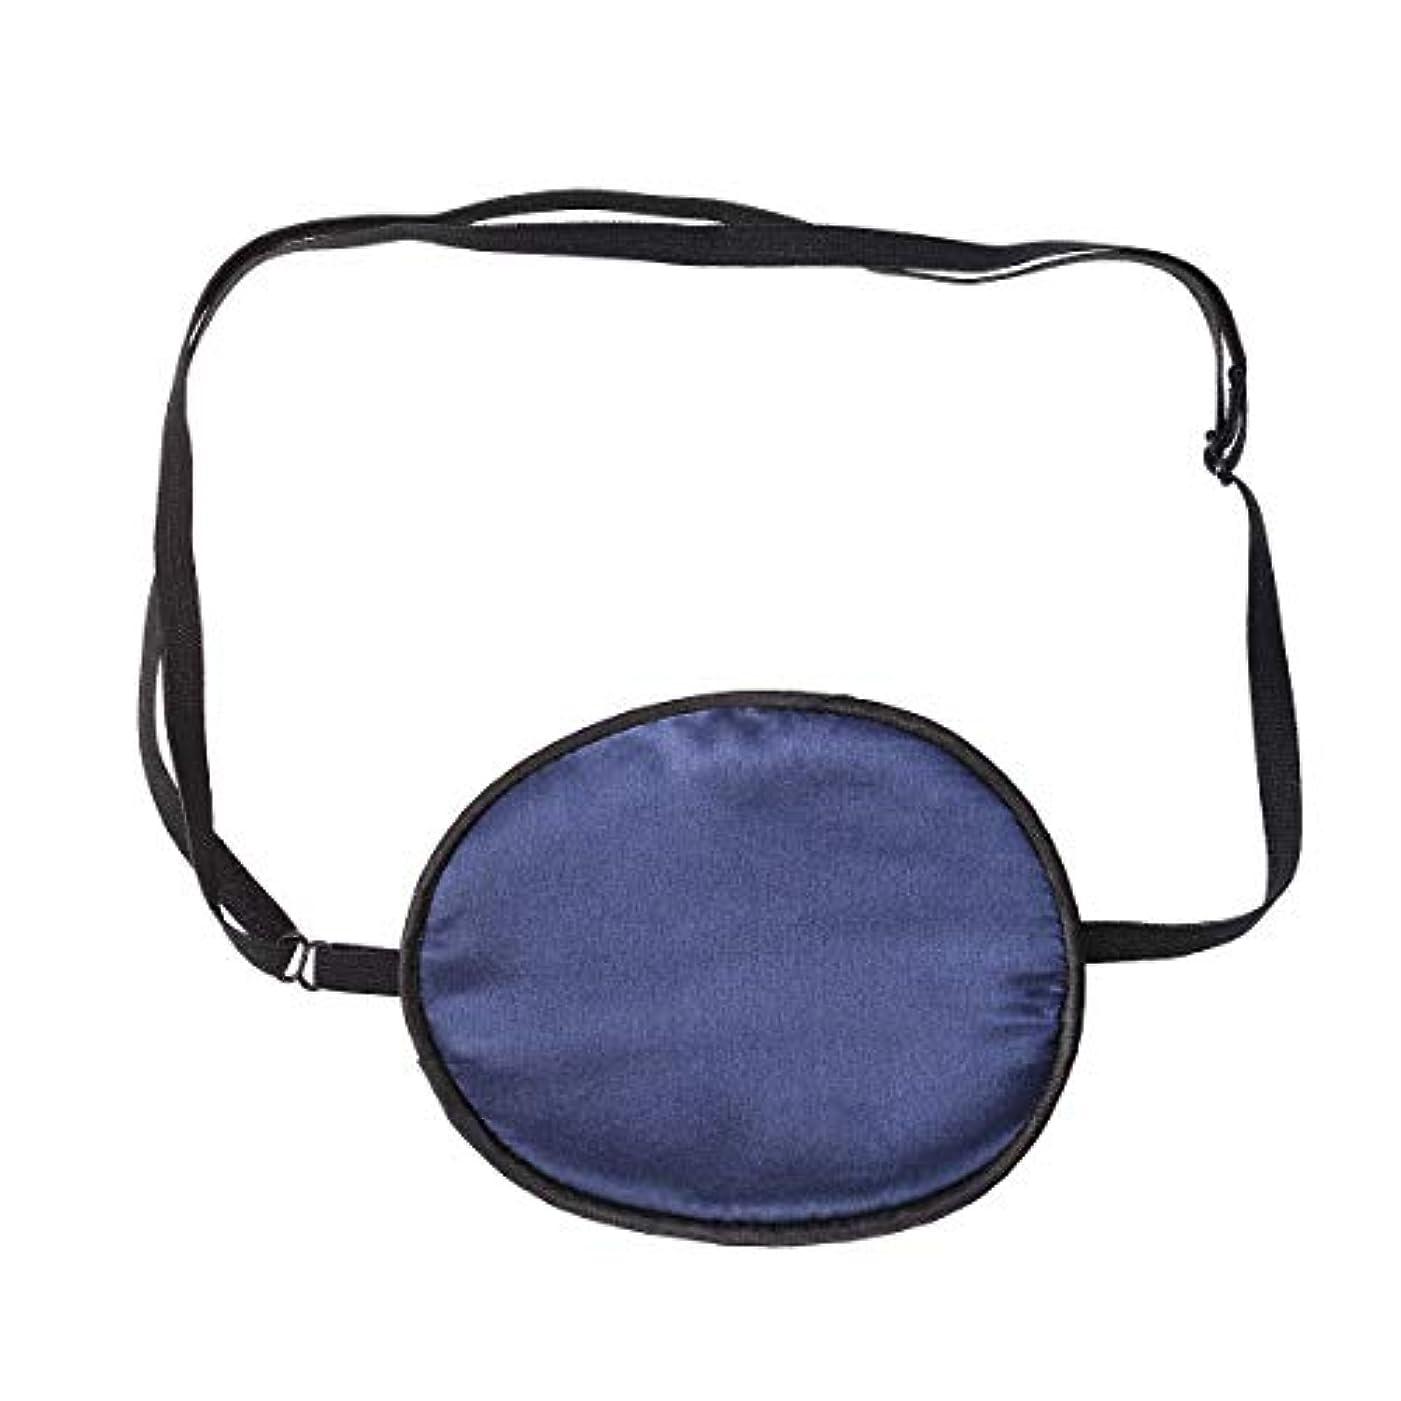 ヘクタール救いウッズSUPVOX シルクアイパッチソフトで心地良い弾力のあるアイパッチ大人のための漏れのない滑らかな目の失明斜視(ネイビー)